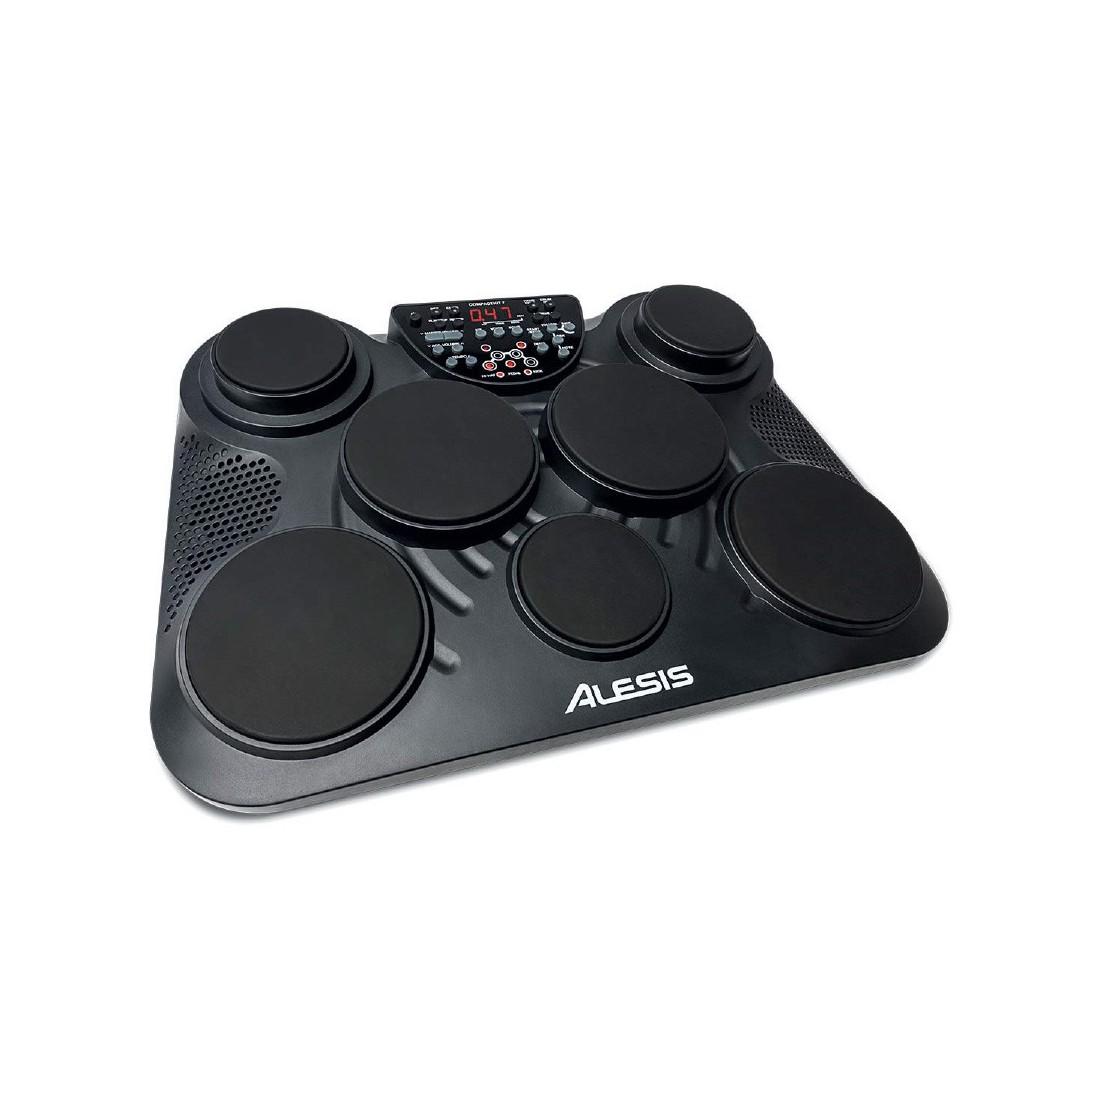 compact7 kit batterie lectronique compacte 7 pads. Black Bedroom Furniture Sets. Home Design Ideas